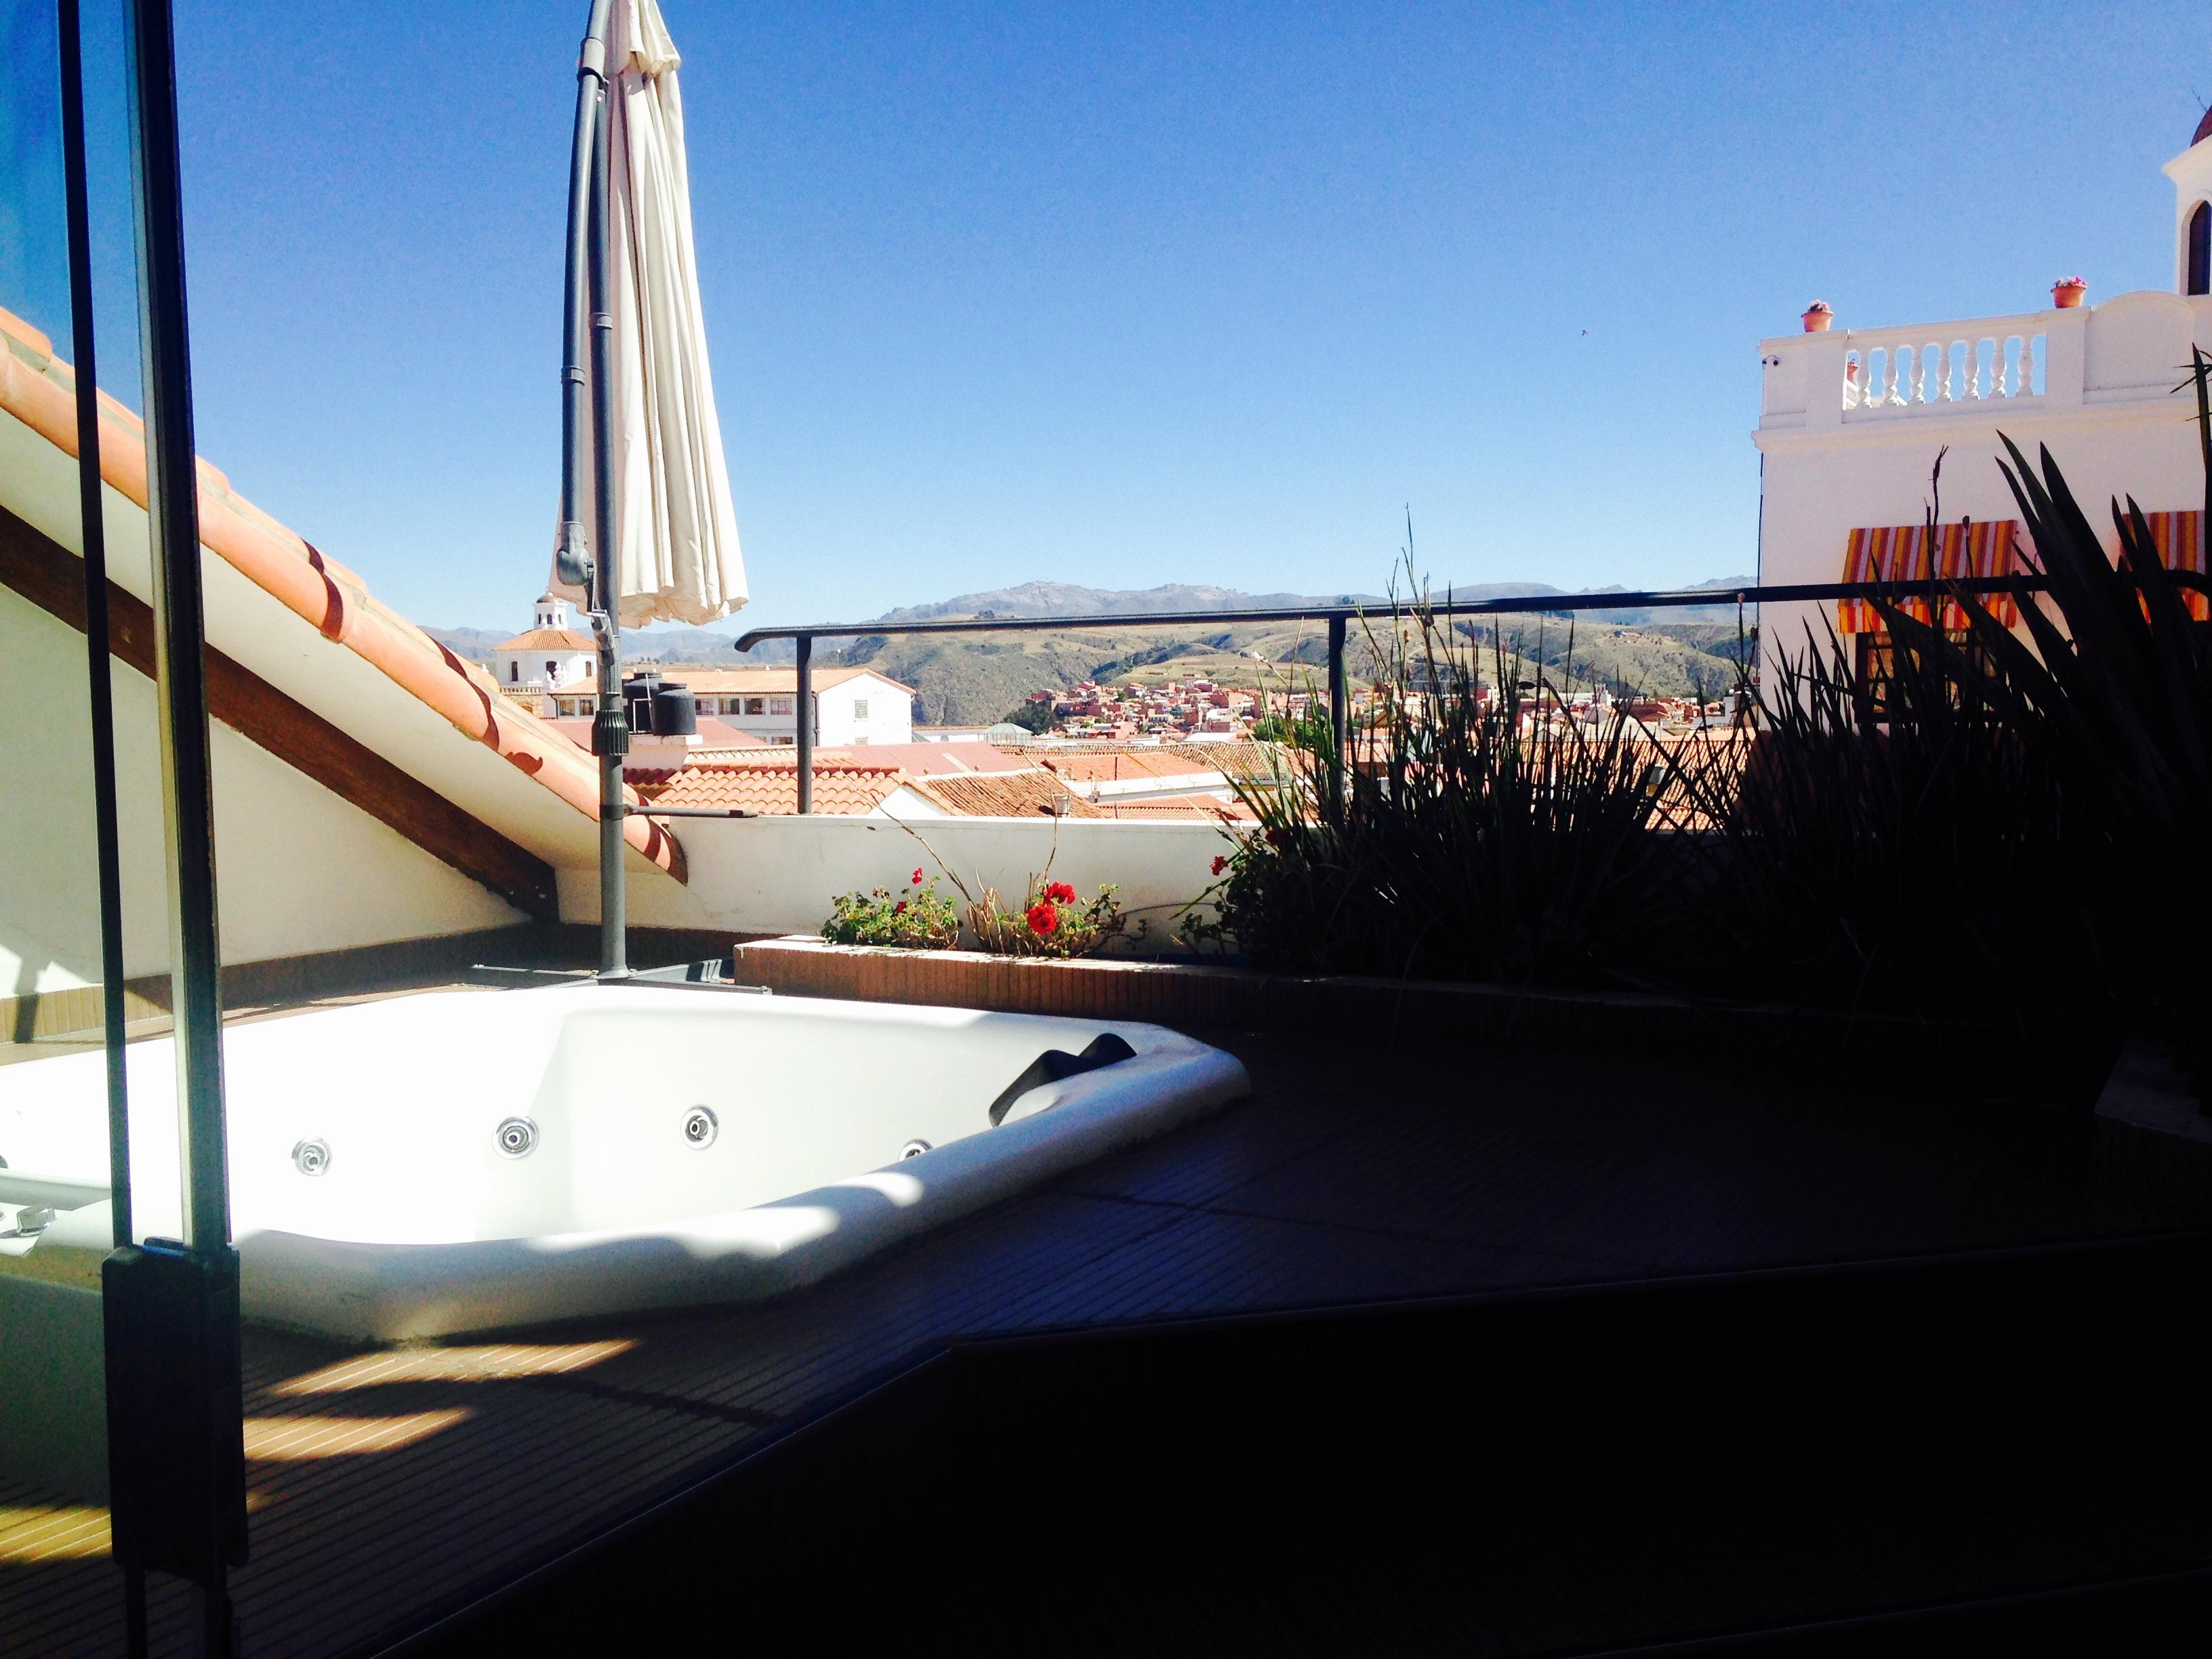 sucre-bolivie-hotel-parador-santa-maria